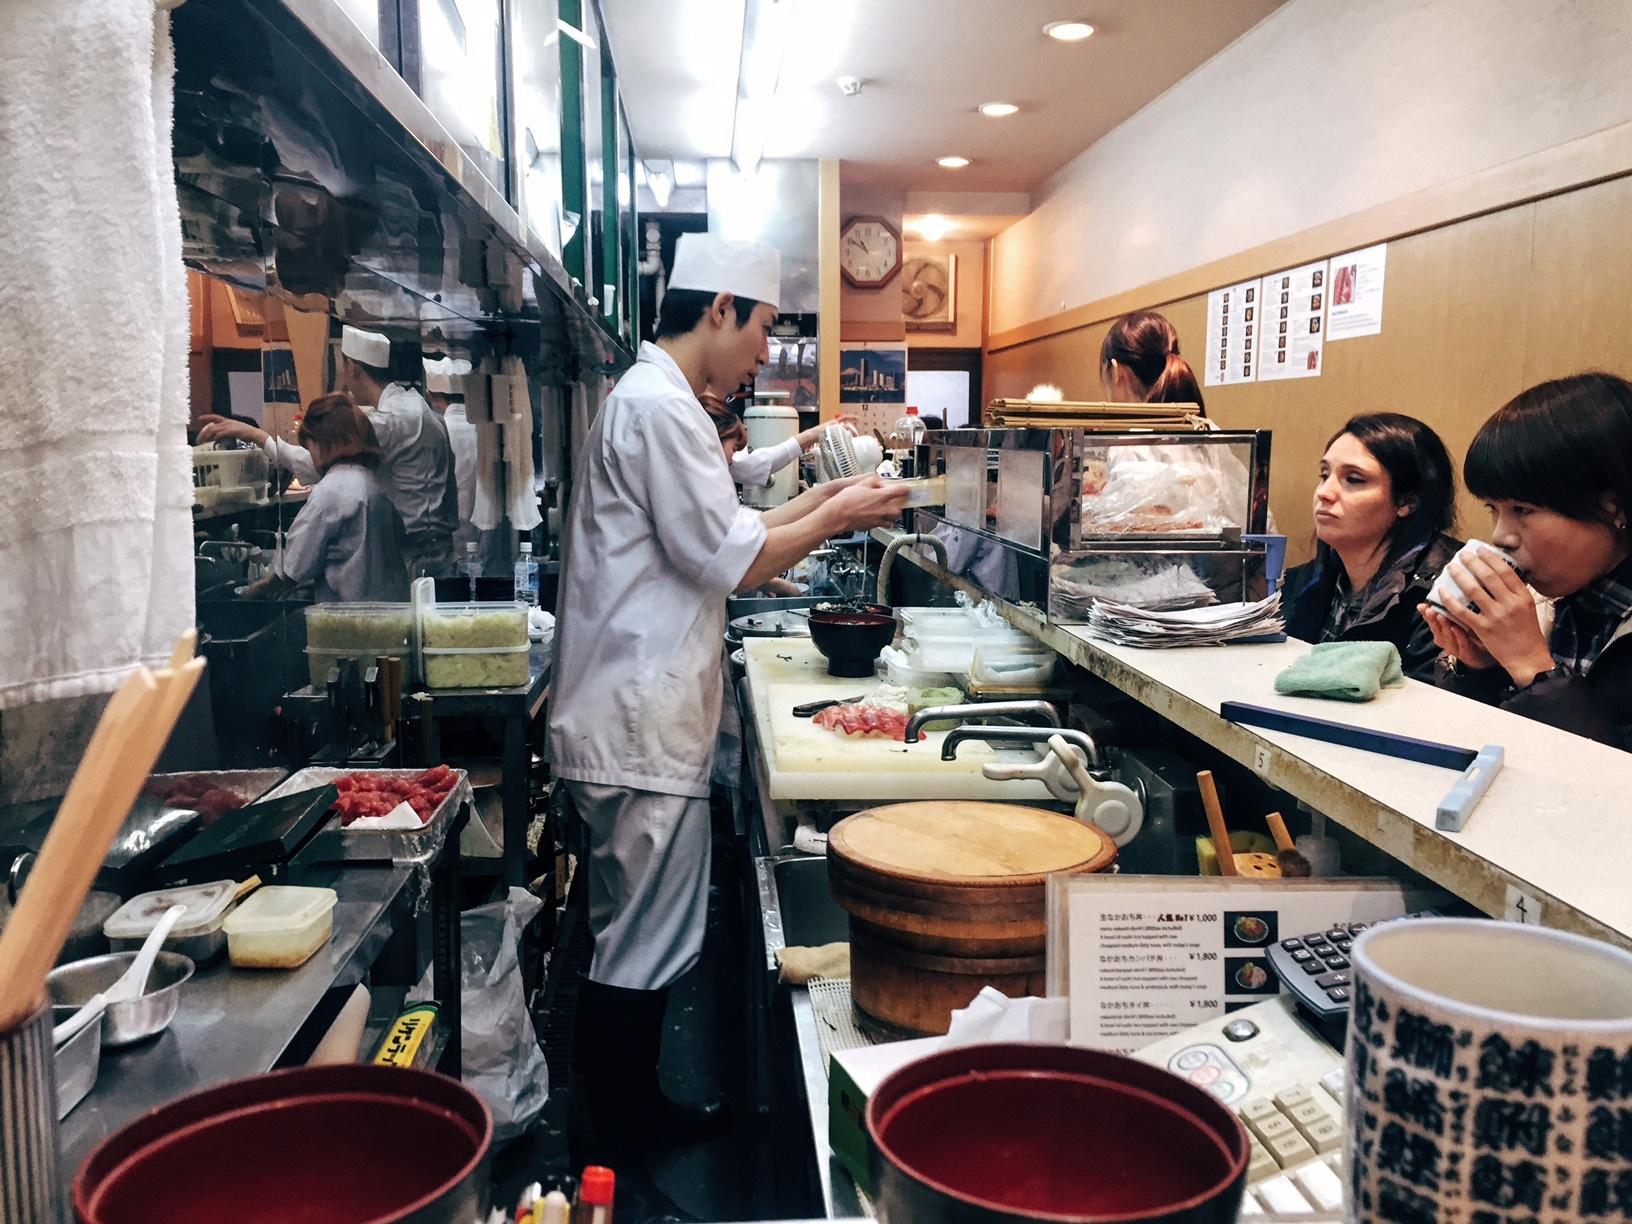 Sushi at Tsukiji market in Tokyo